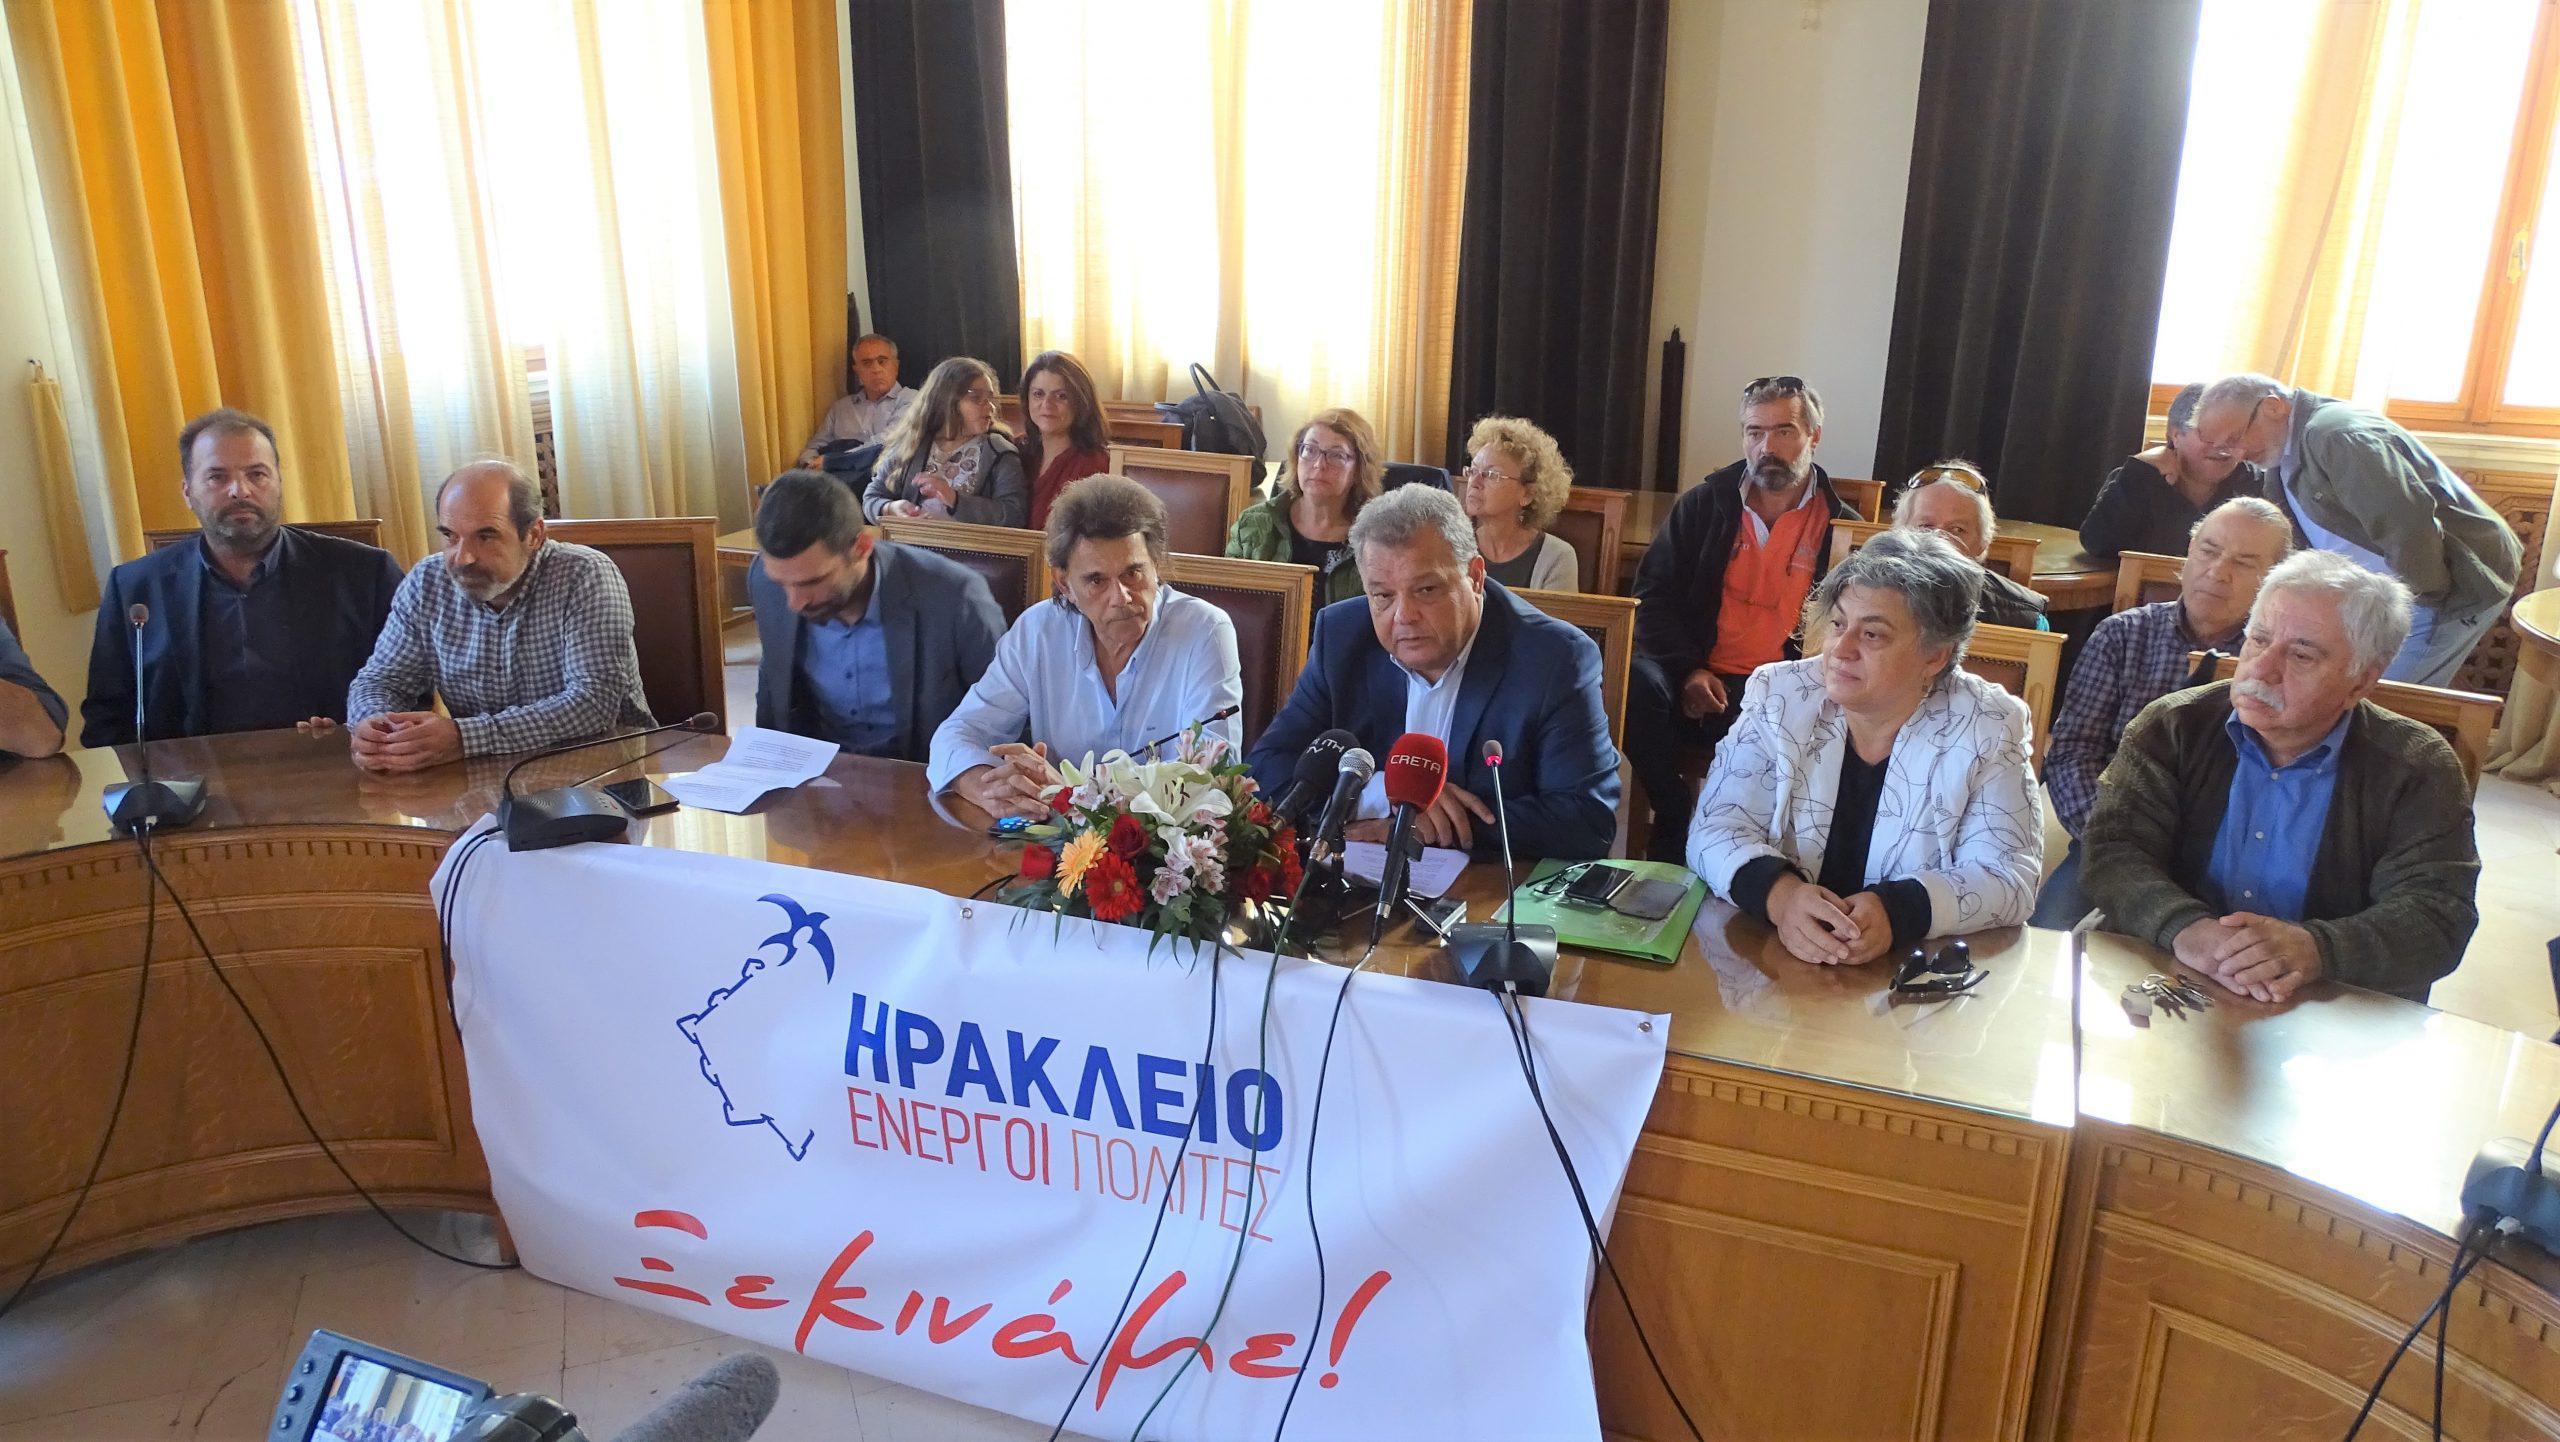 Ηράκλειο:Παρουσίαση  Υποψηφιότητας Ενεργών  Πολιτών